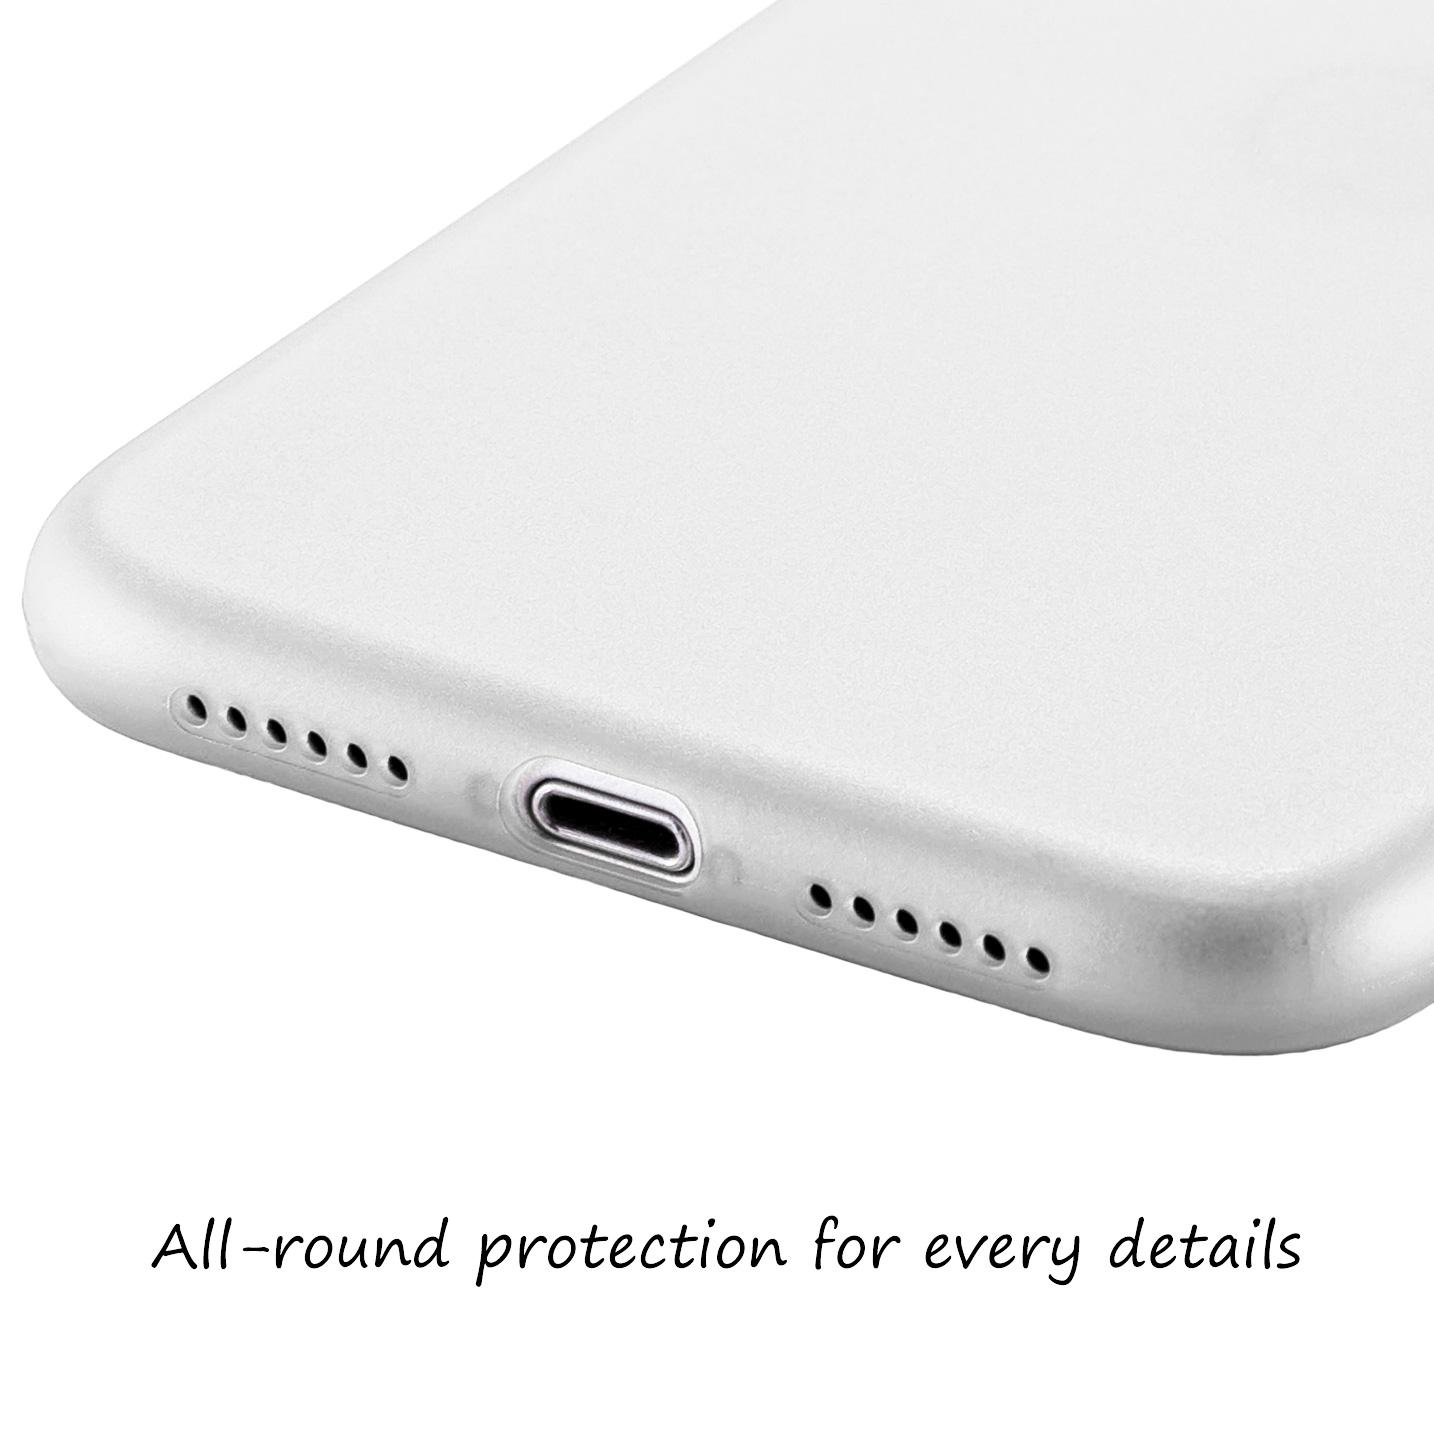 Ultra-Slim-Case-iPhone-11-6-1-034-Matt-Clear-Schutz-Huelle-Skin-Cover-Tasche-Folie Indexbild 16